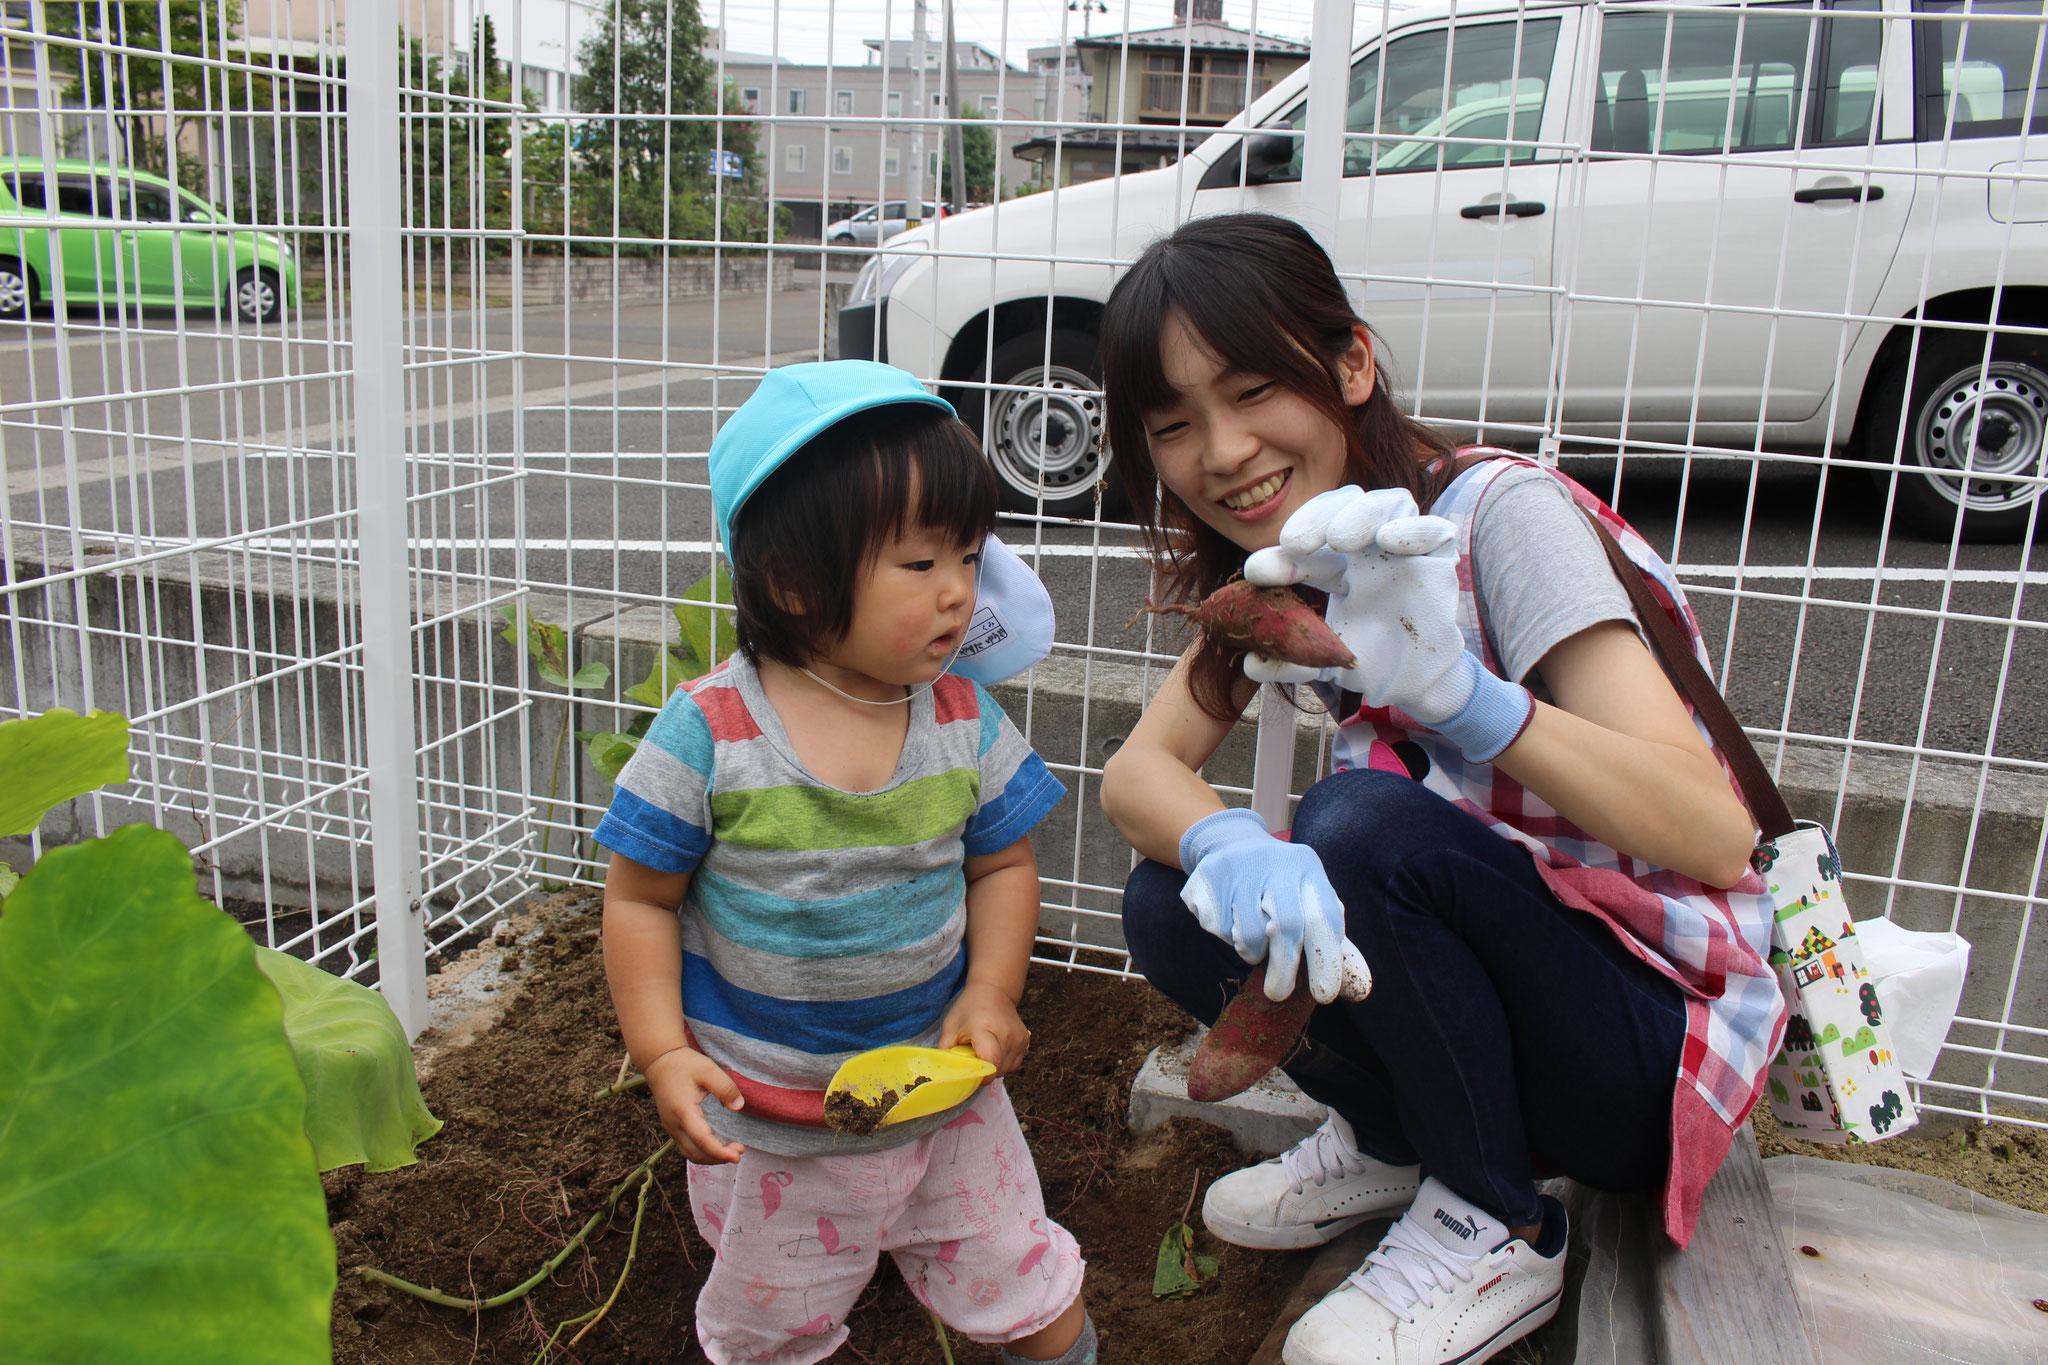 これは こどもの サツマイモさんかな⁉ それとも赤ちゃんかな⁉ カワ(・∀・)イイ!!